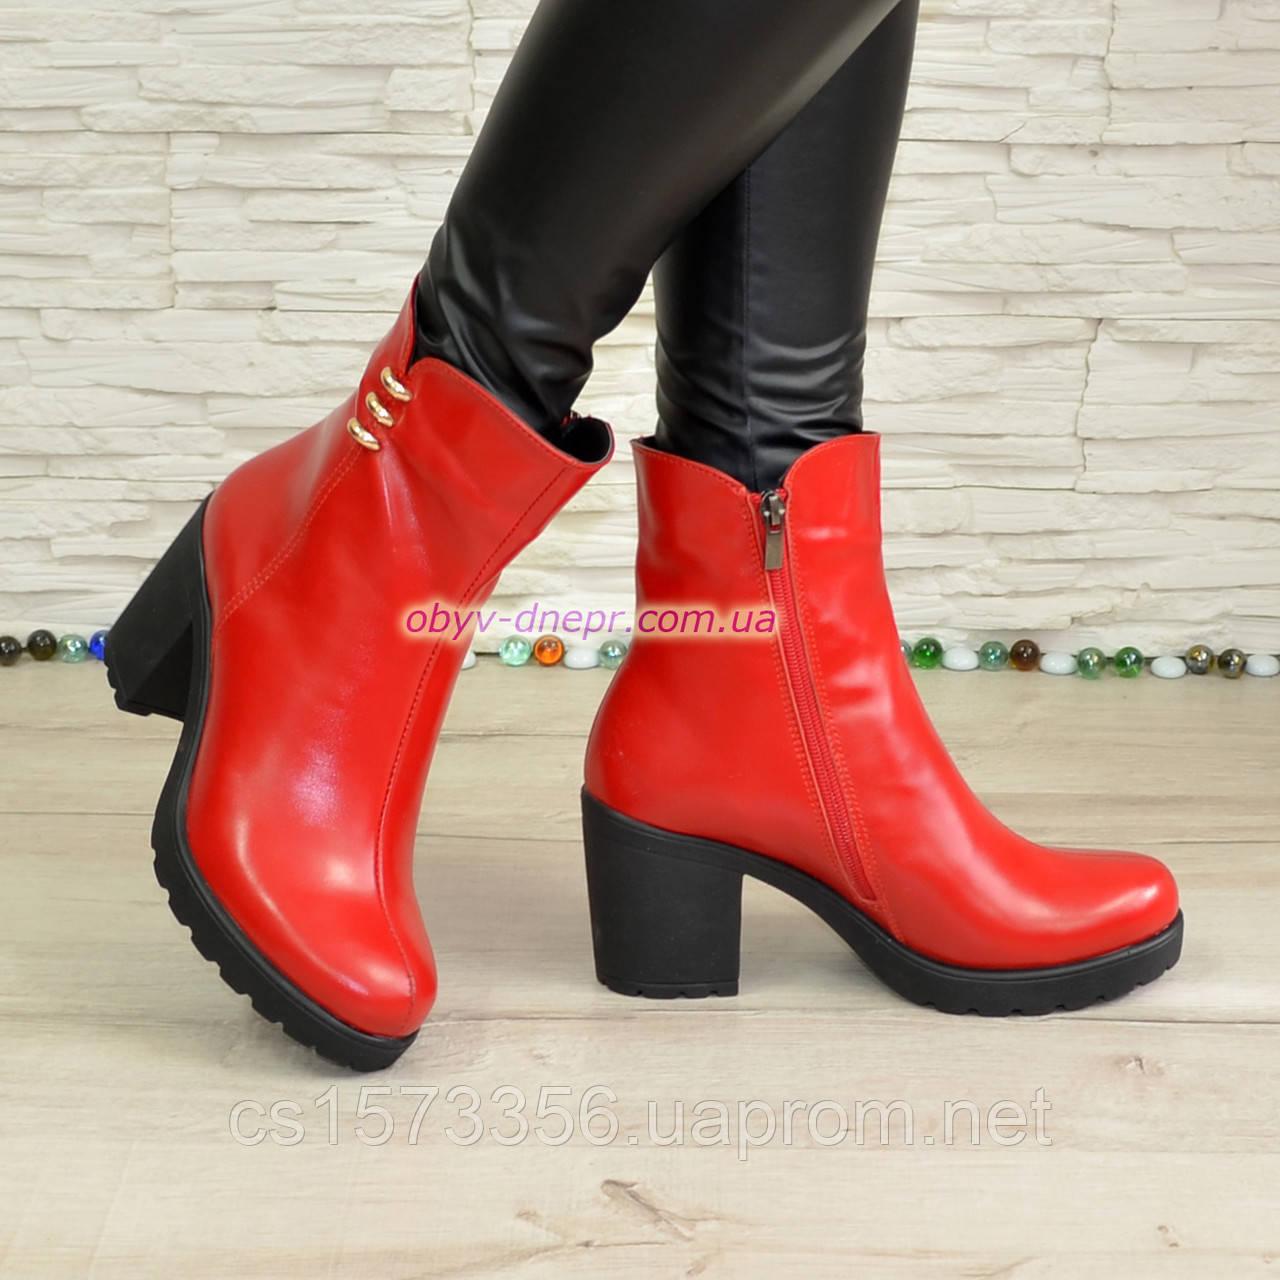 Ботинки кожаные демисезонные женские на устойчивом каблуке, цвет красный